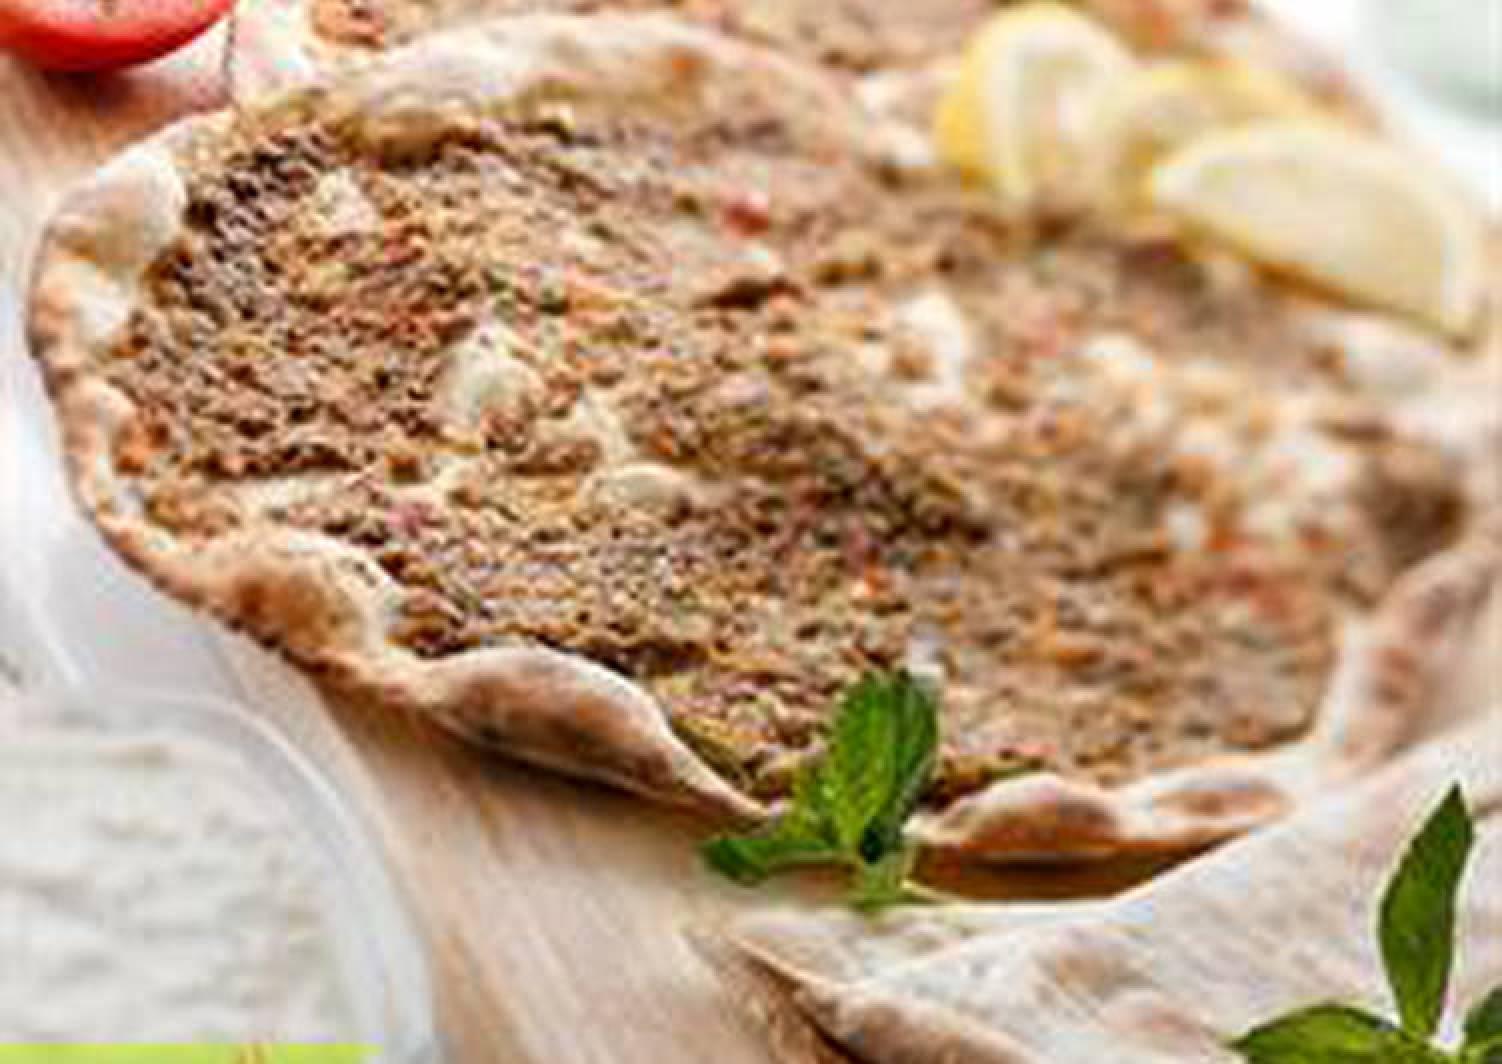 Open-faced meat pies - lahem bi ajeen